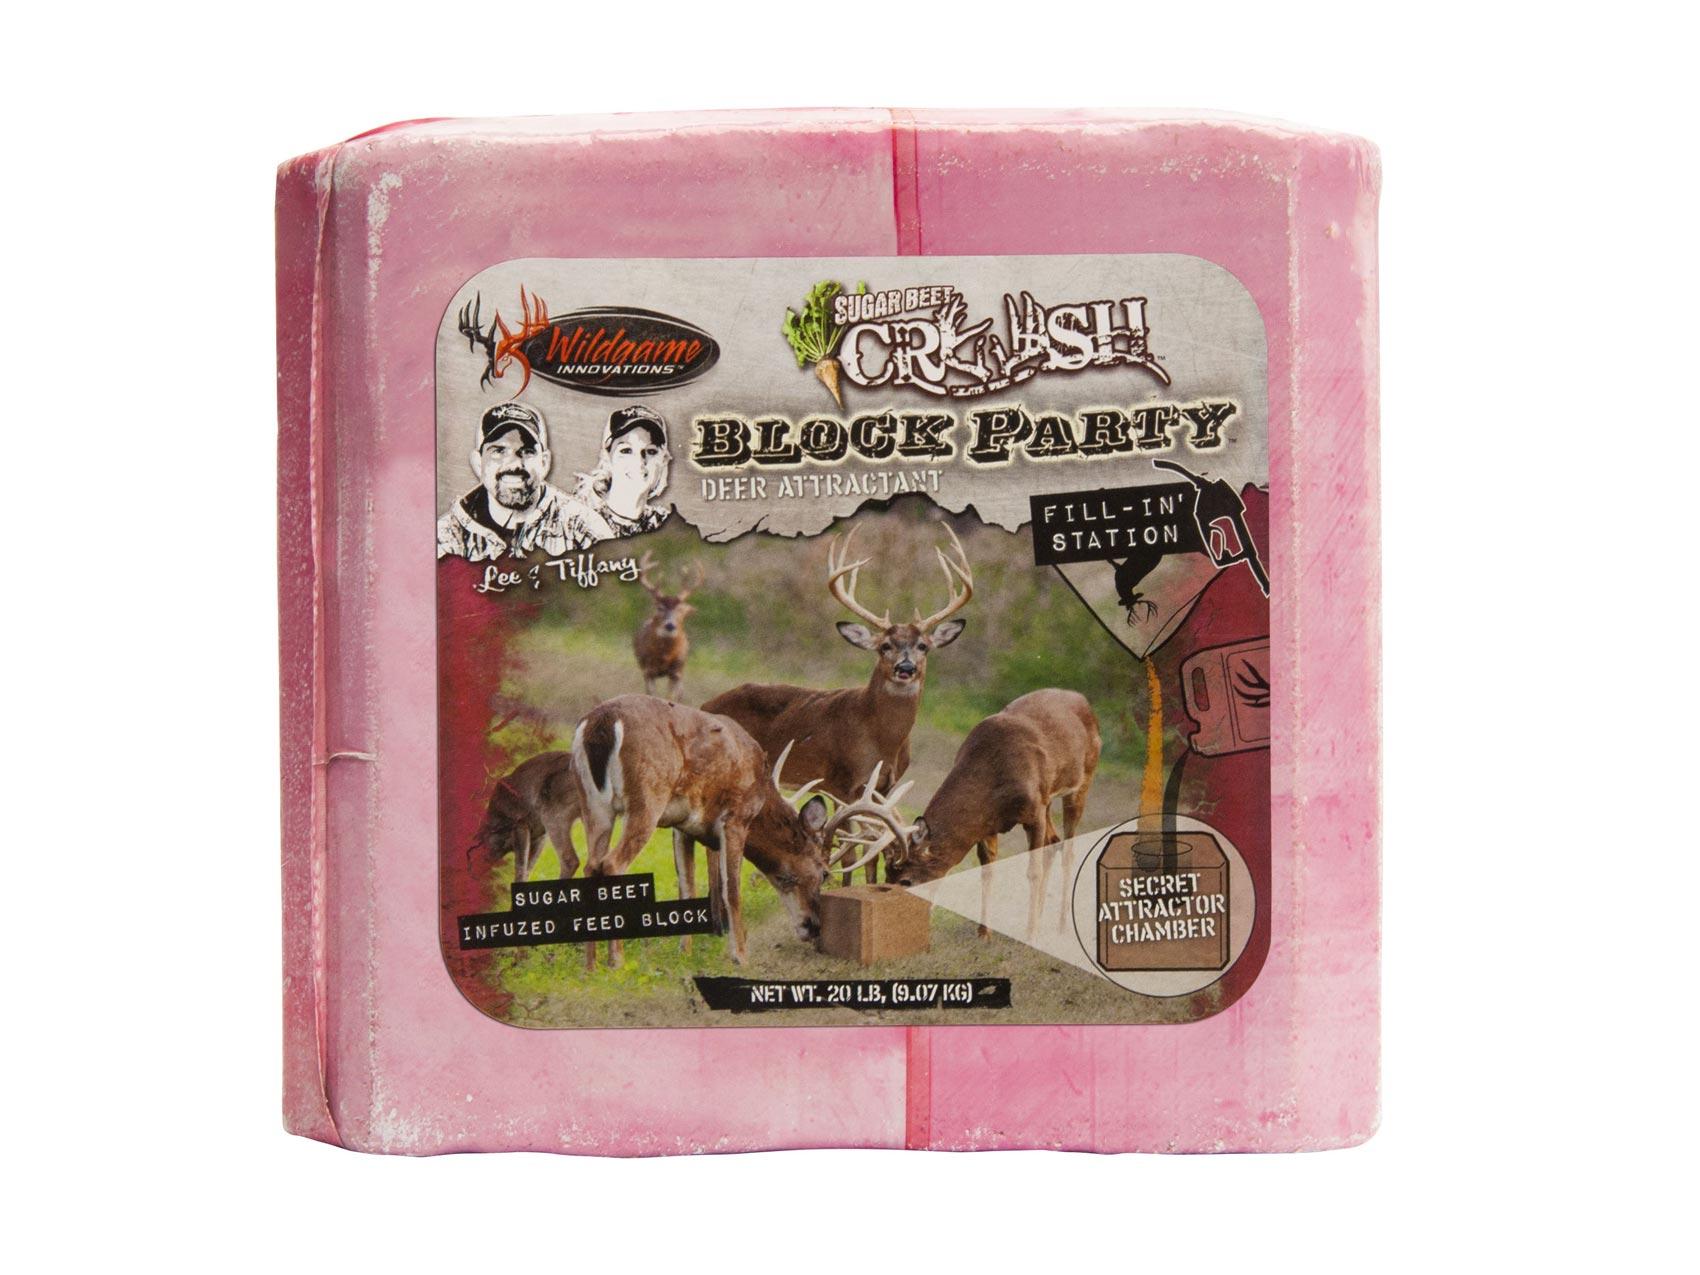 Deer block sugar beet deer feed